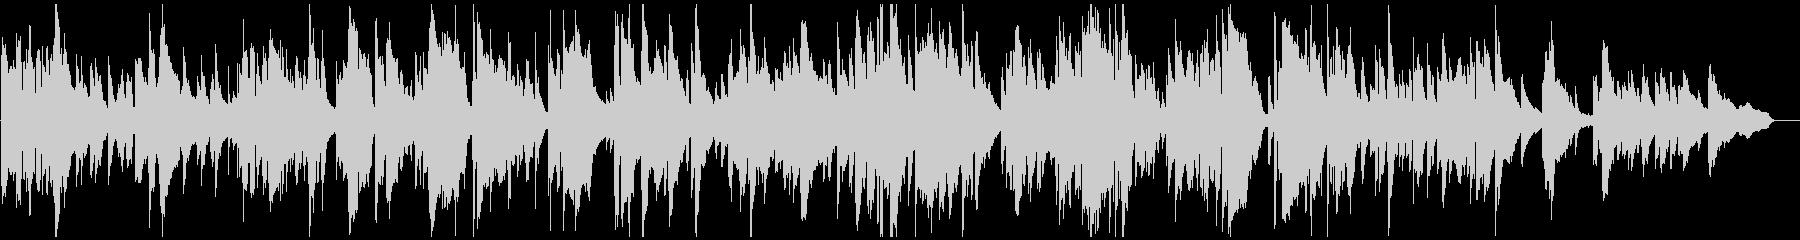 アダルティな優しいバラード生演奏サックスの未再生の波形